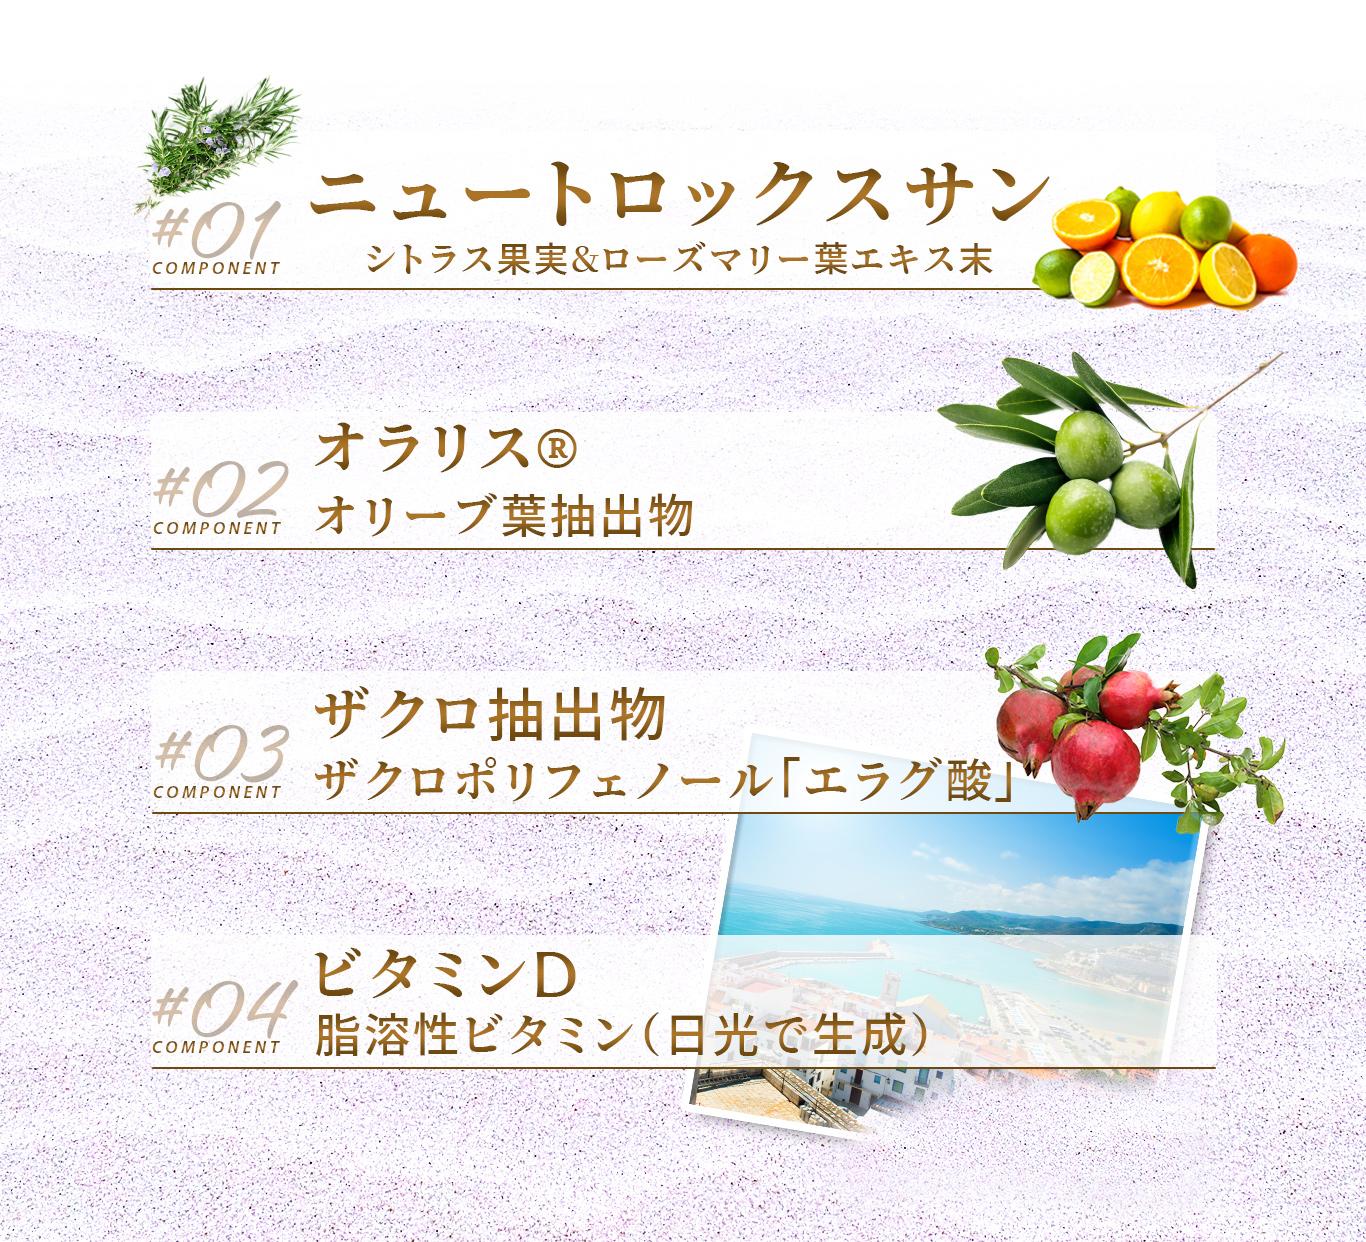 ニュートロックスサン(シトラス果実&ローズマリー葉エキス末)、オラリス(オリーブ葉抽出物)、ザクロ抽出物(ザクロポリフェノールエラグ酸)、ビタミンD(脂溶性ビタミン)